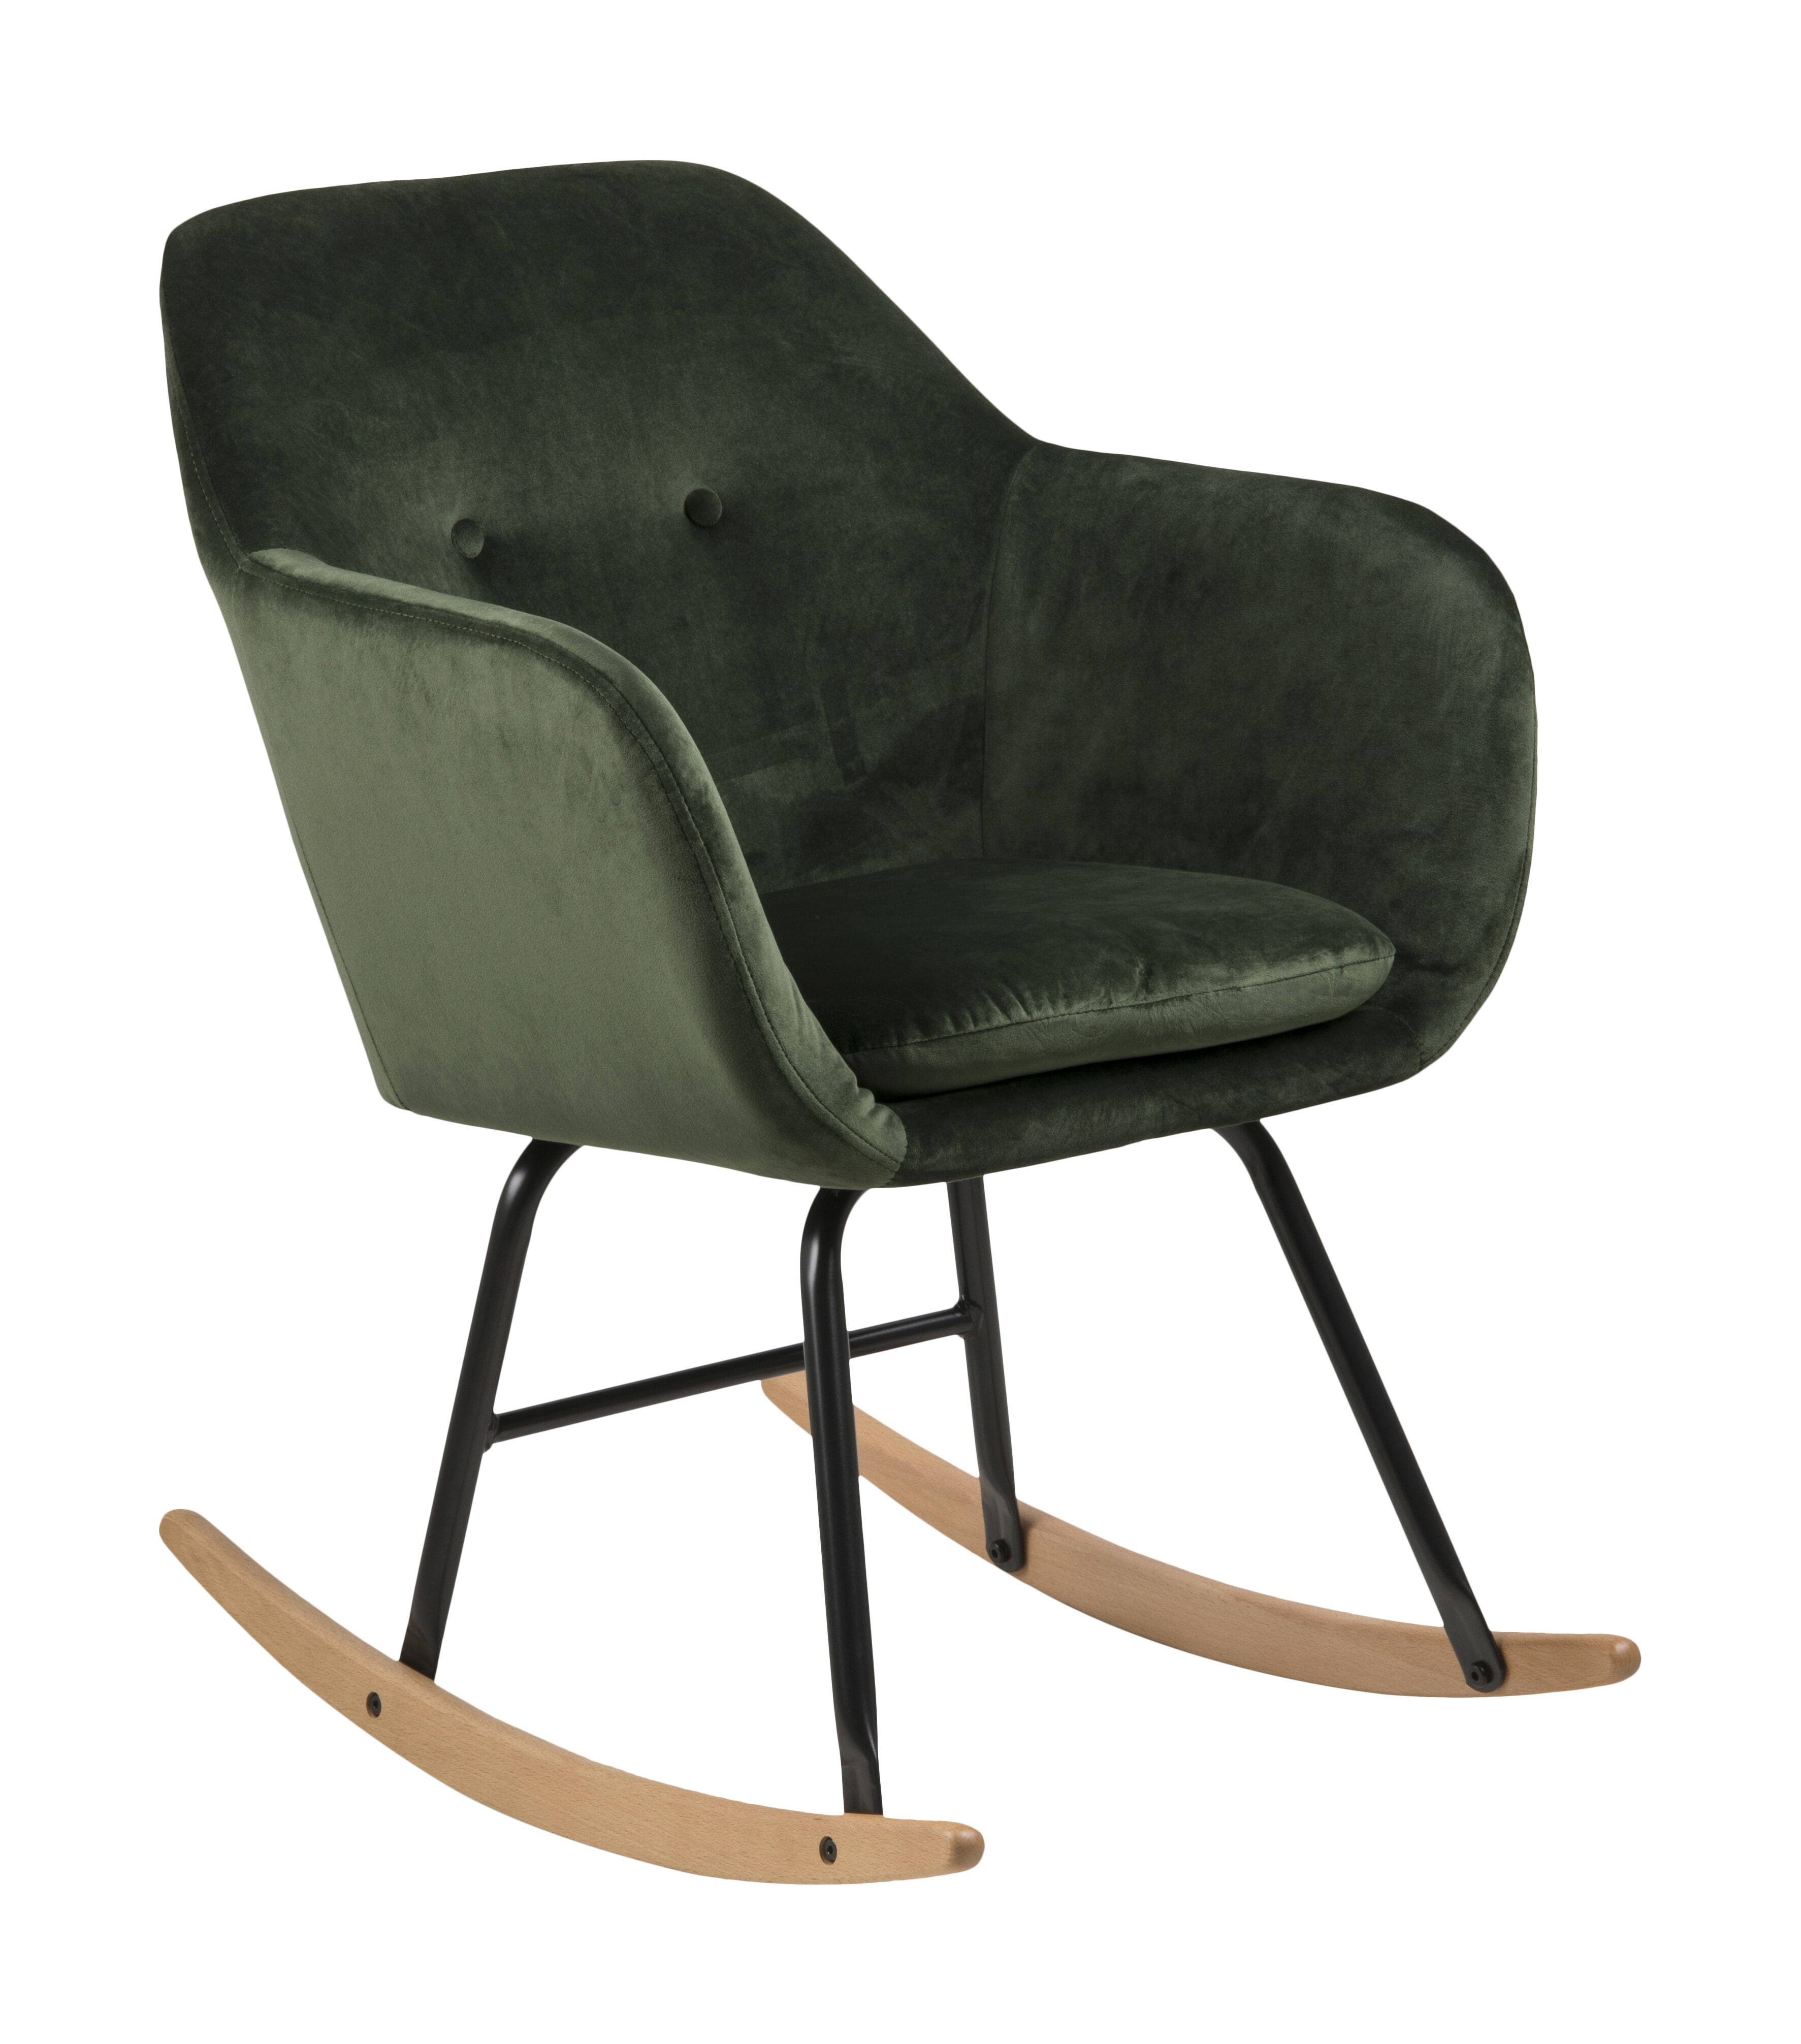 Schommelstoel 'Albin' Velvet, kleur Forest Green